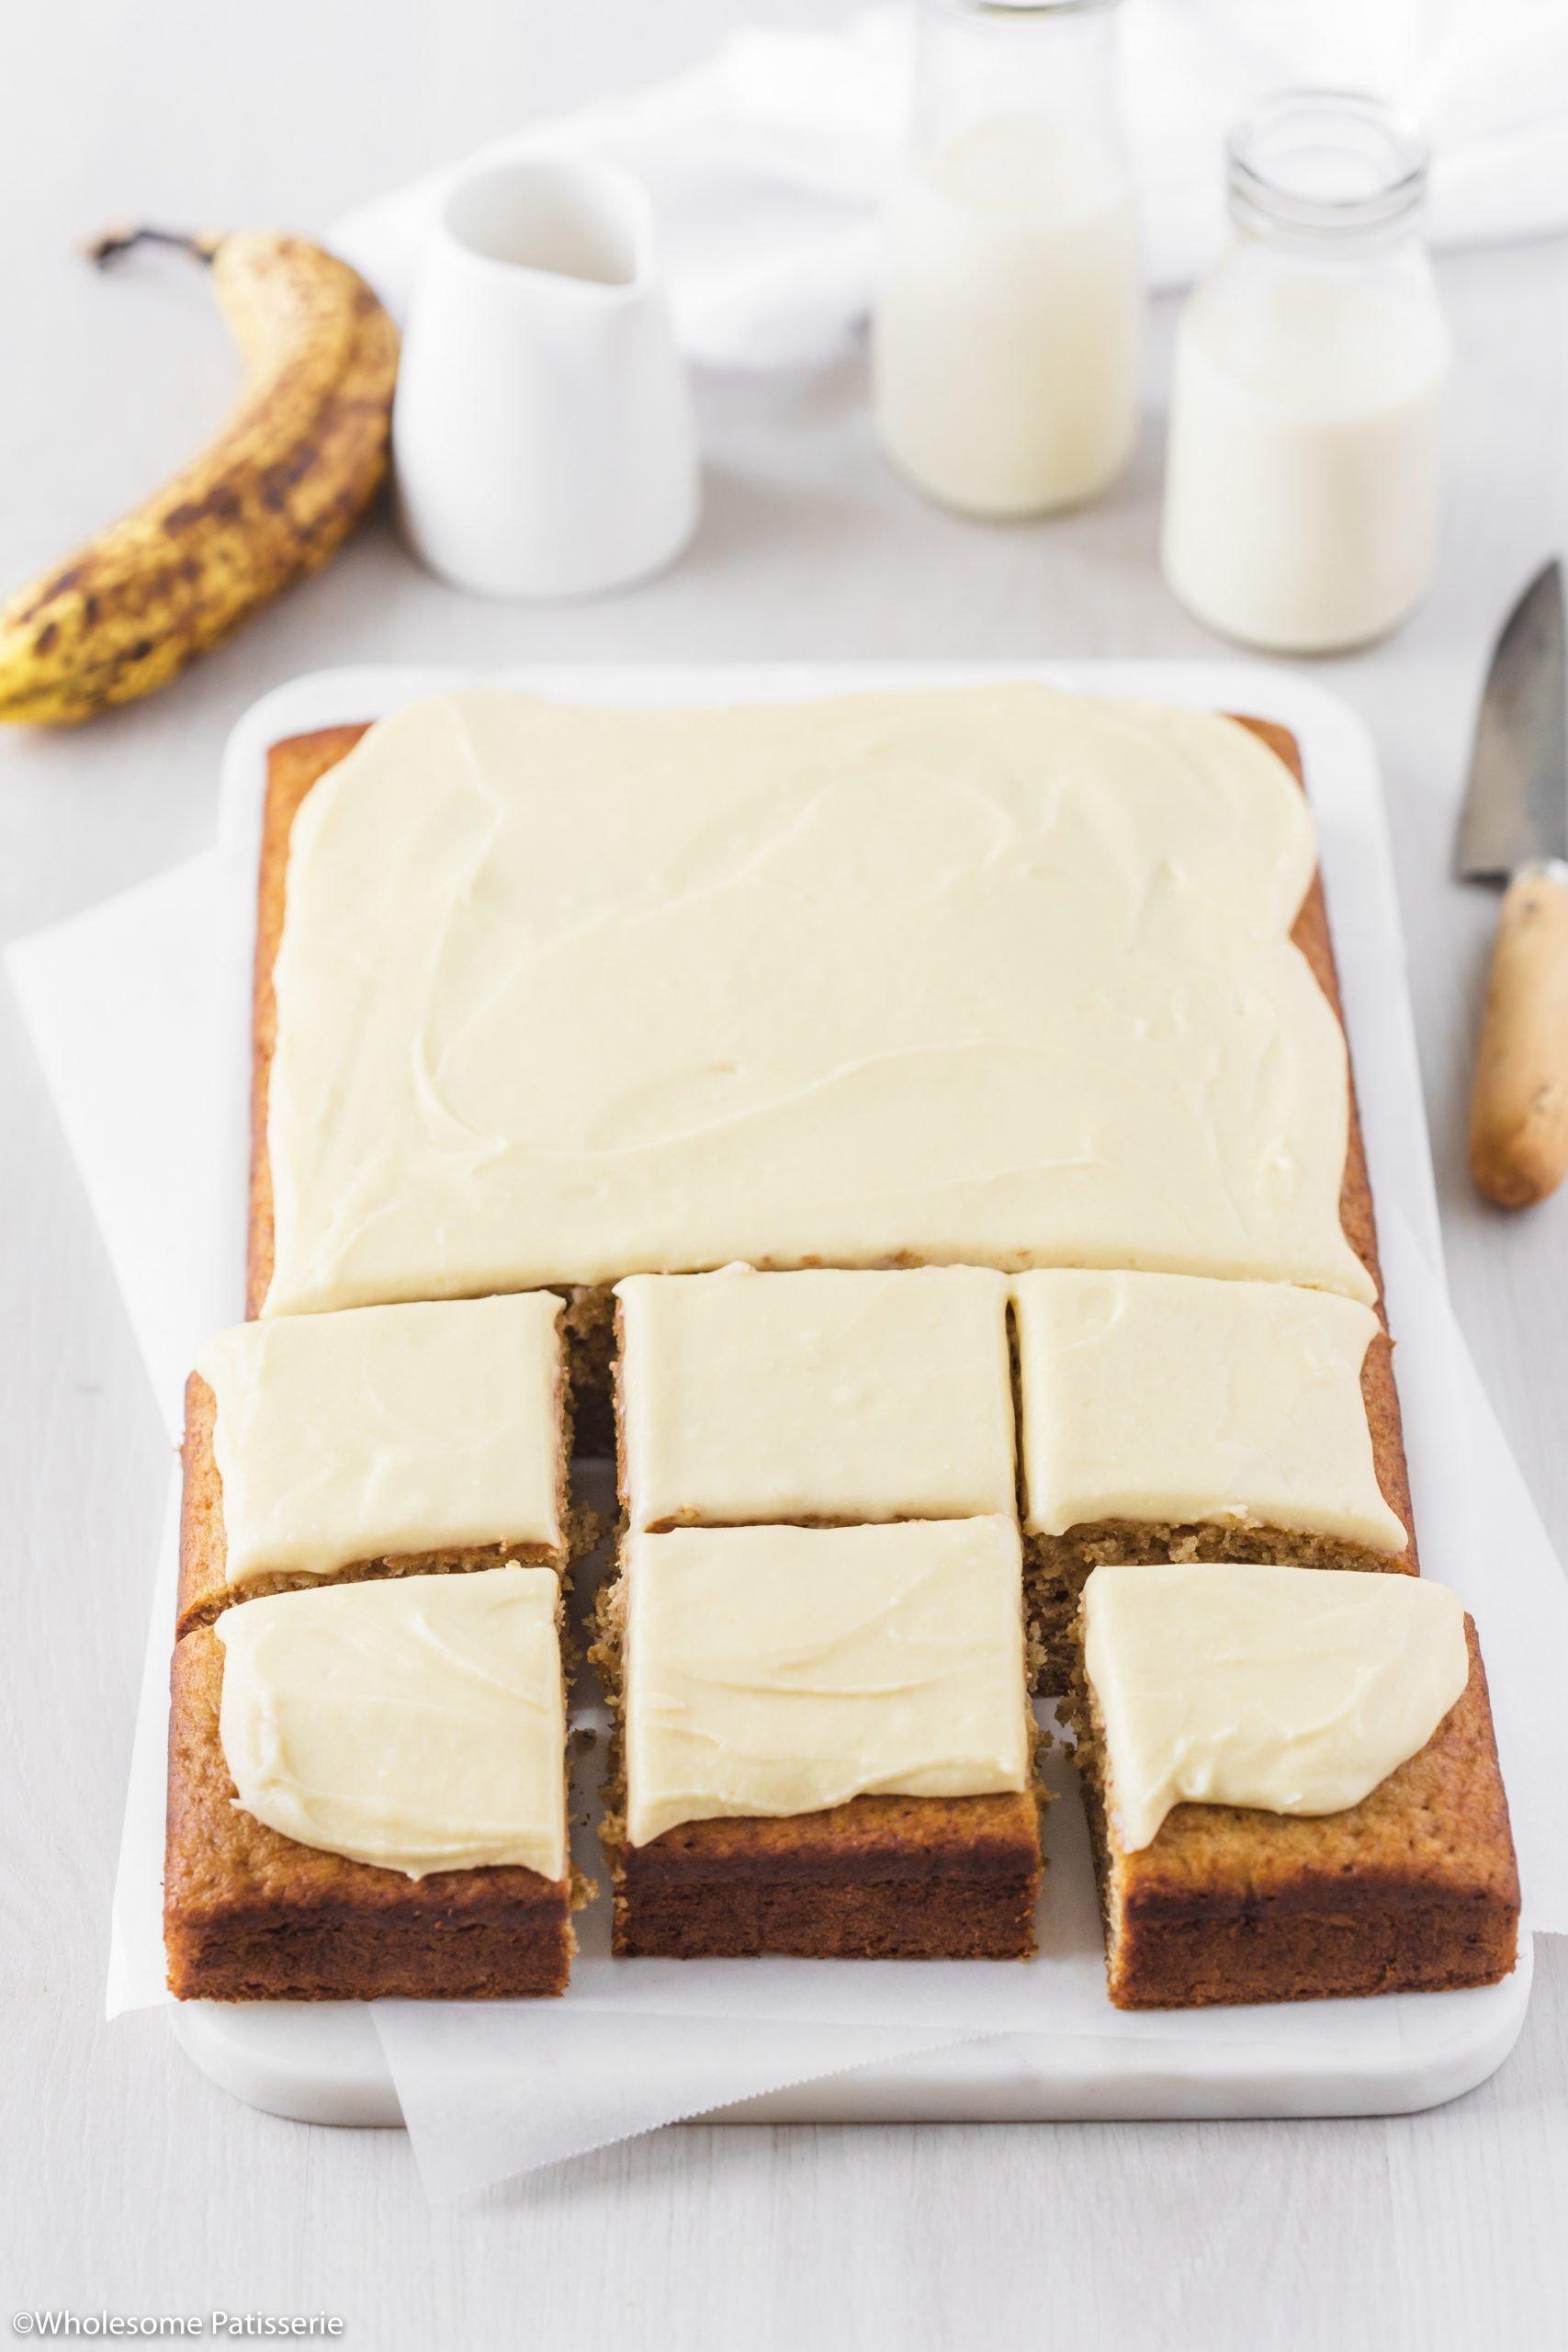 Classic Banana Cake with Vanilla Buttercream